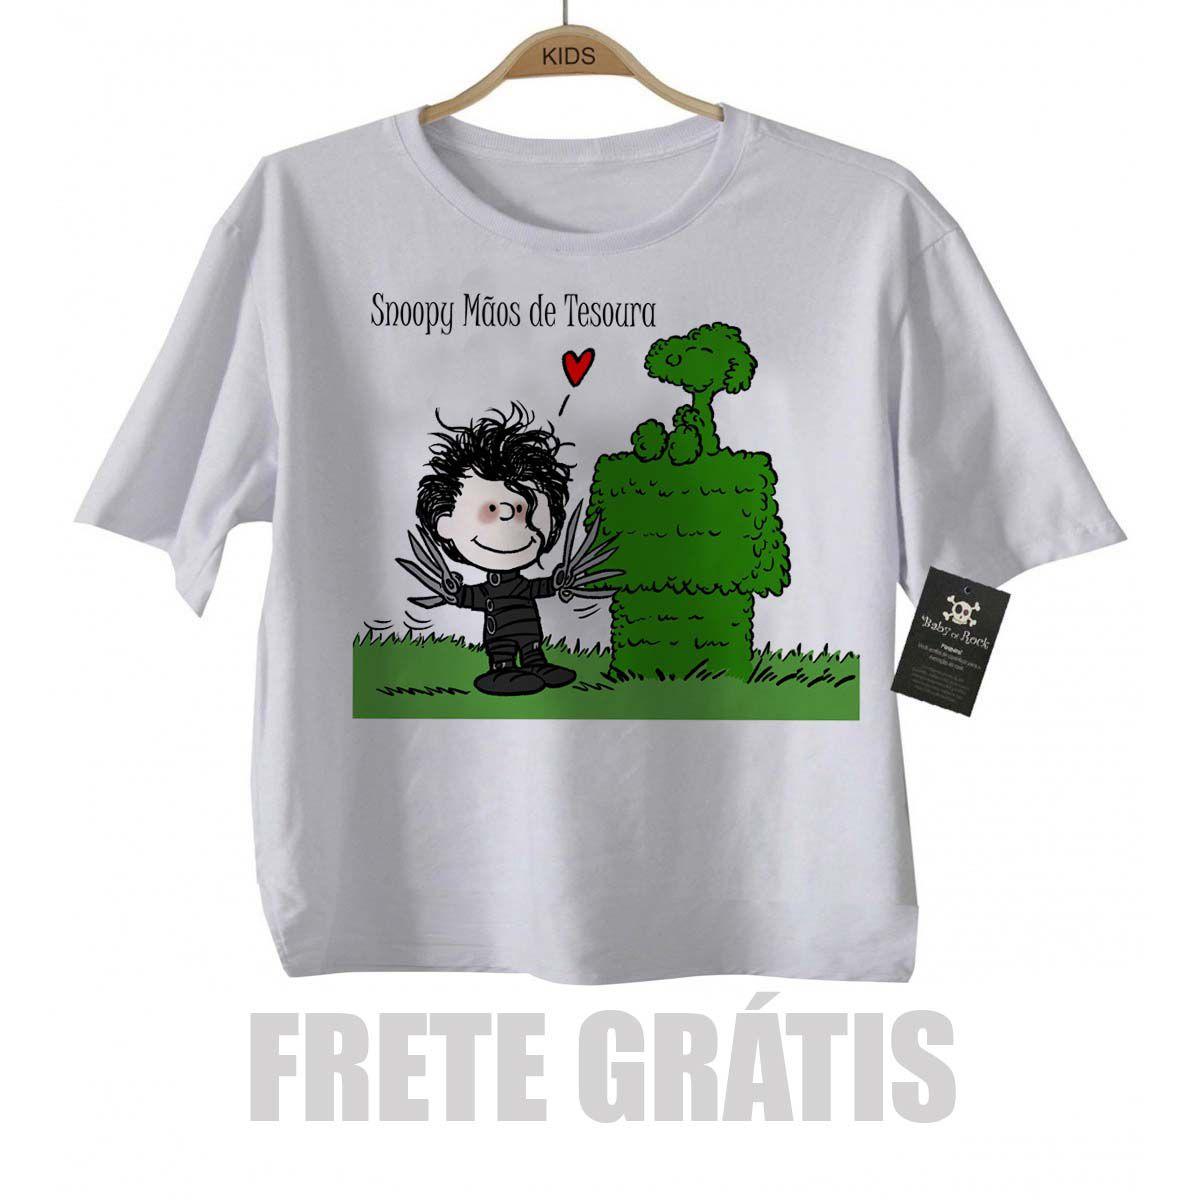 Camiseta Infantil  Snoopy Mãos de Tesoura  - Baby Monster S/A